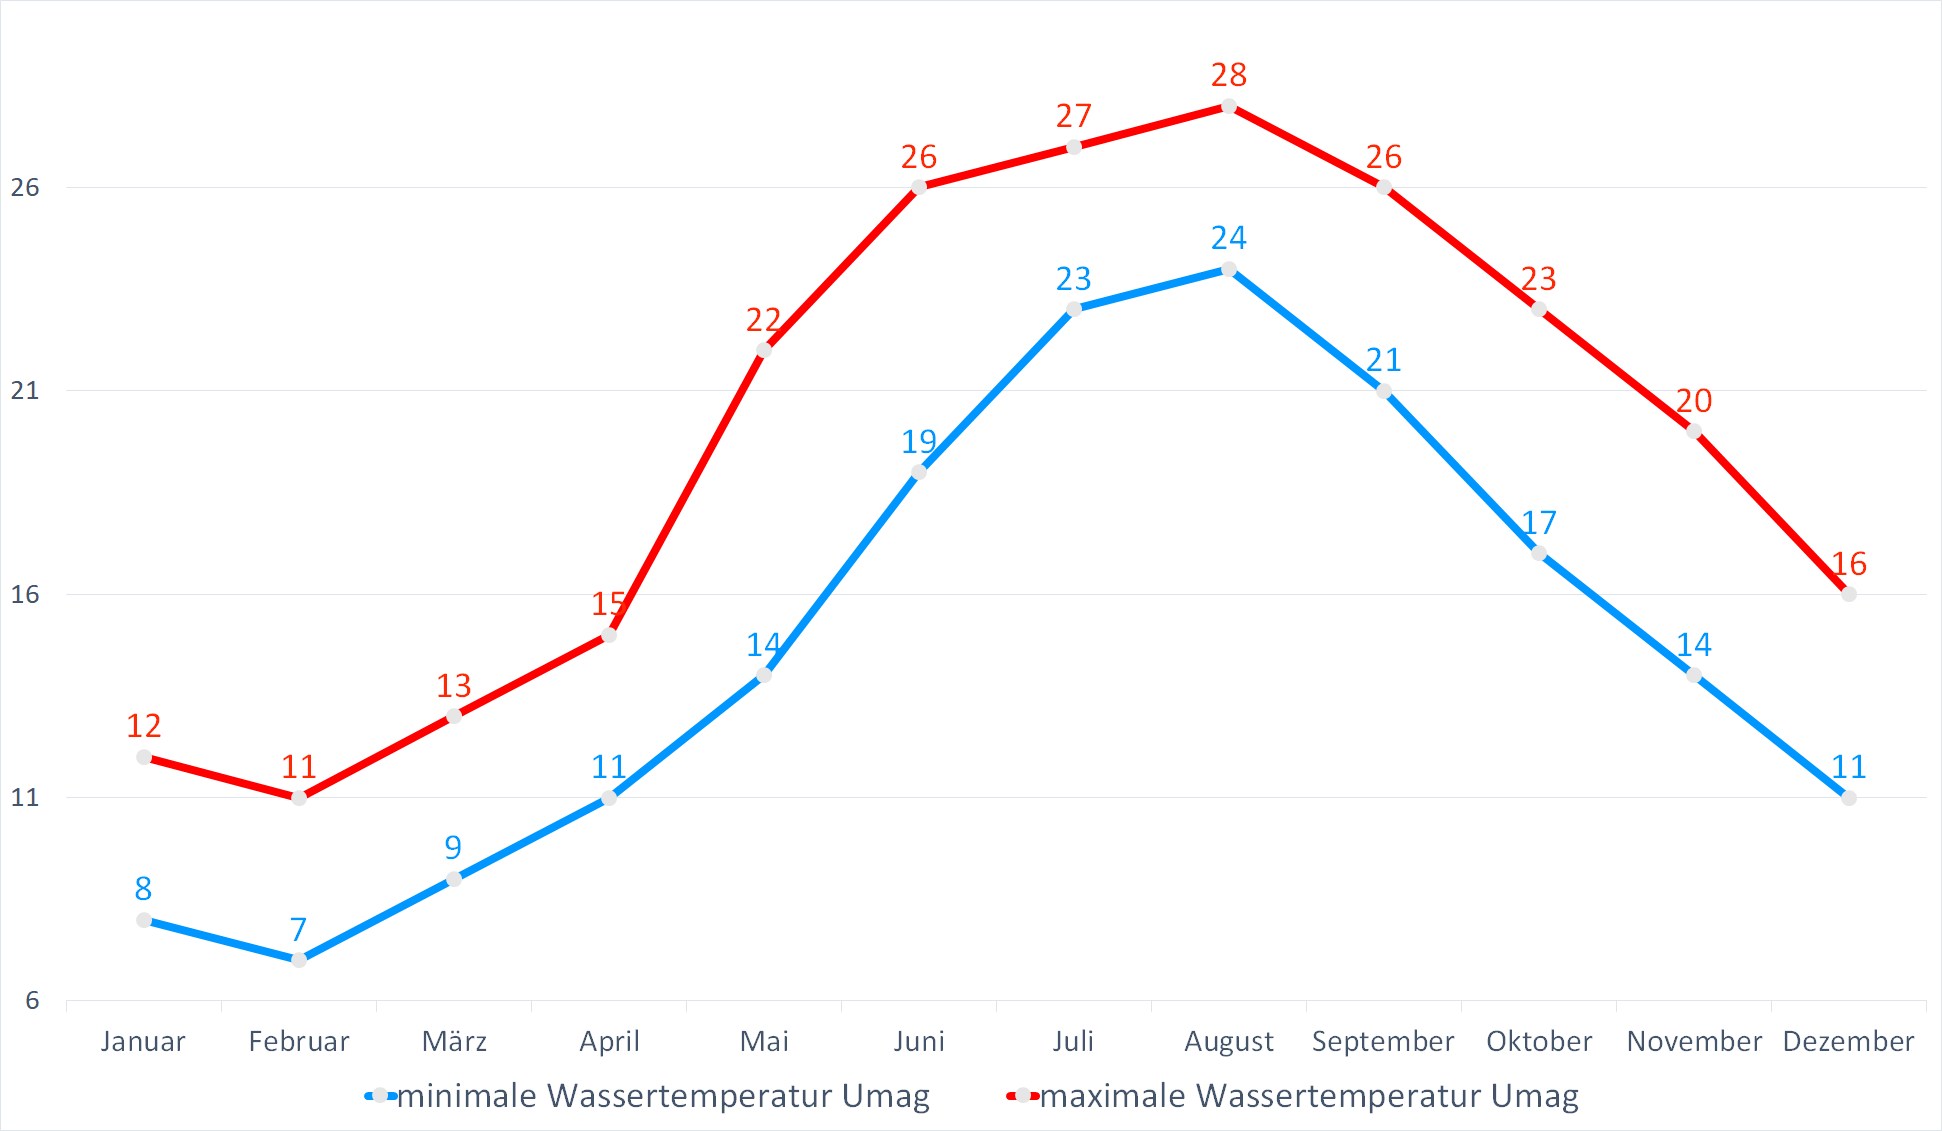 Minimale & Maximale Wassertemperaturen für Umag im Jahresverlauf